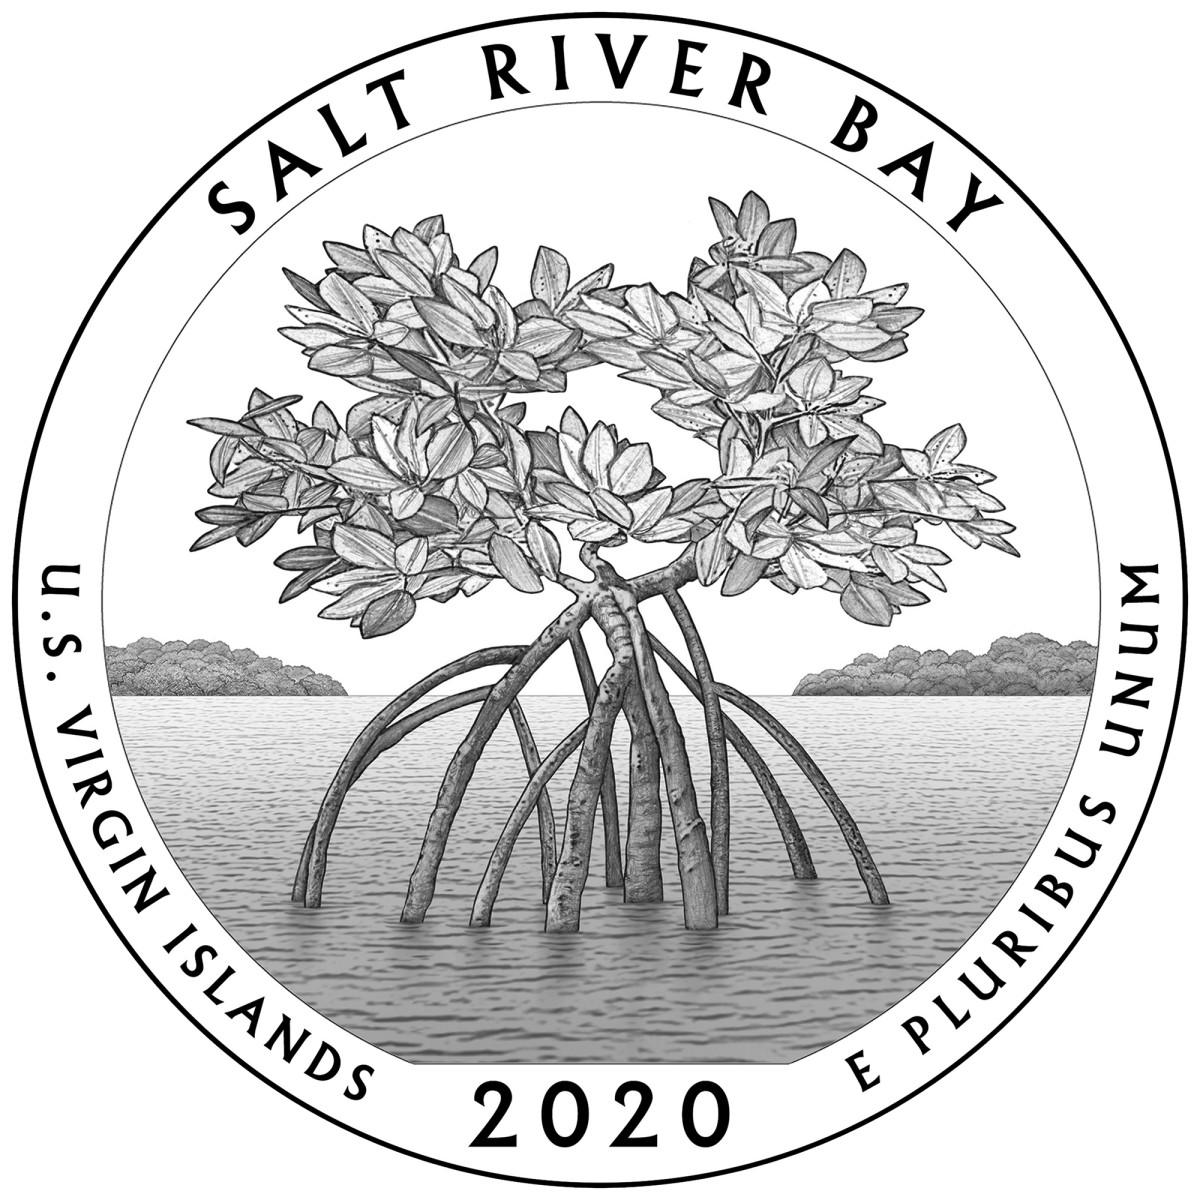 salt river bay 2020